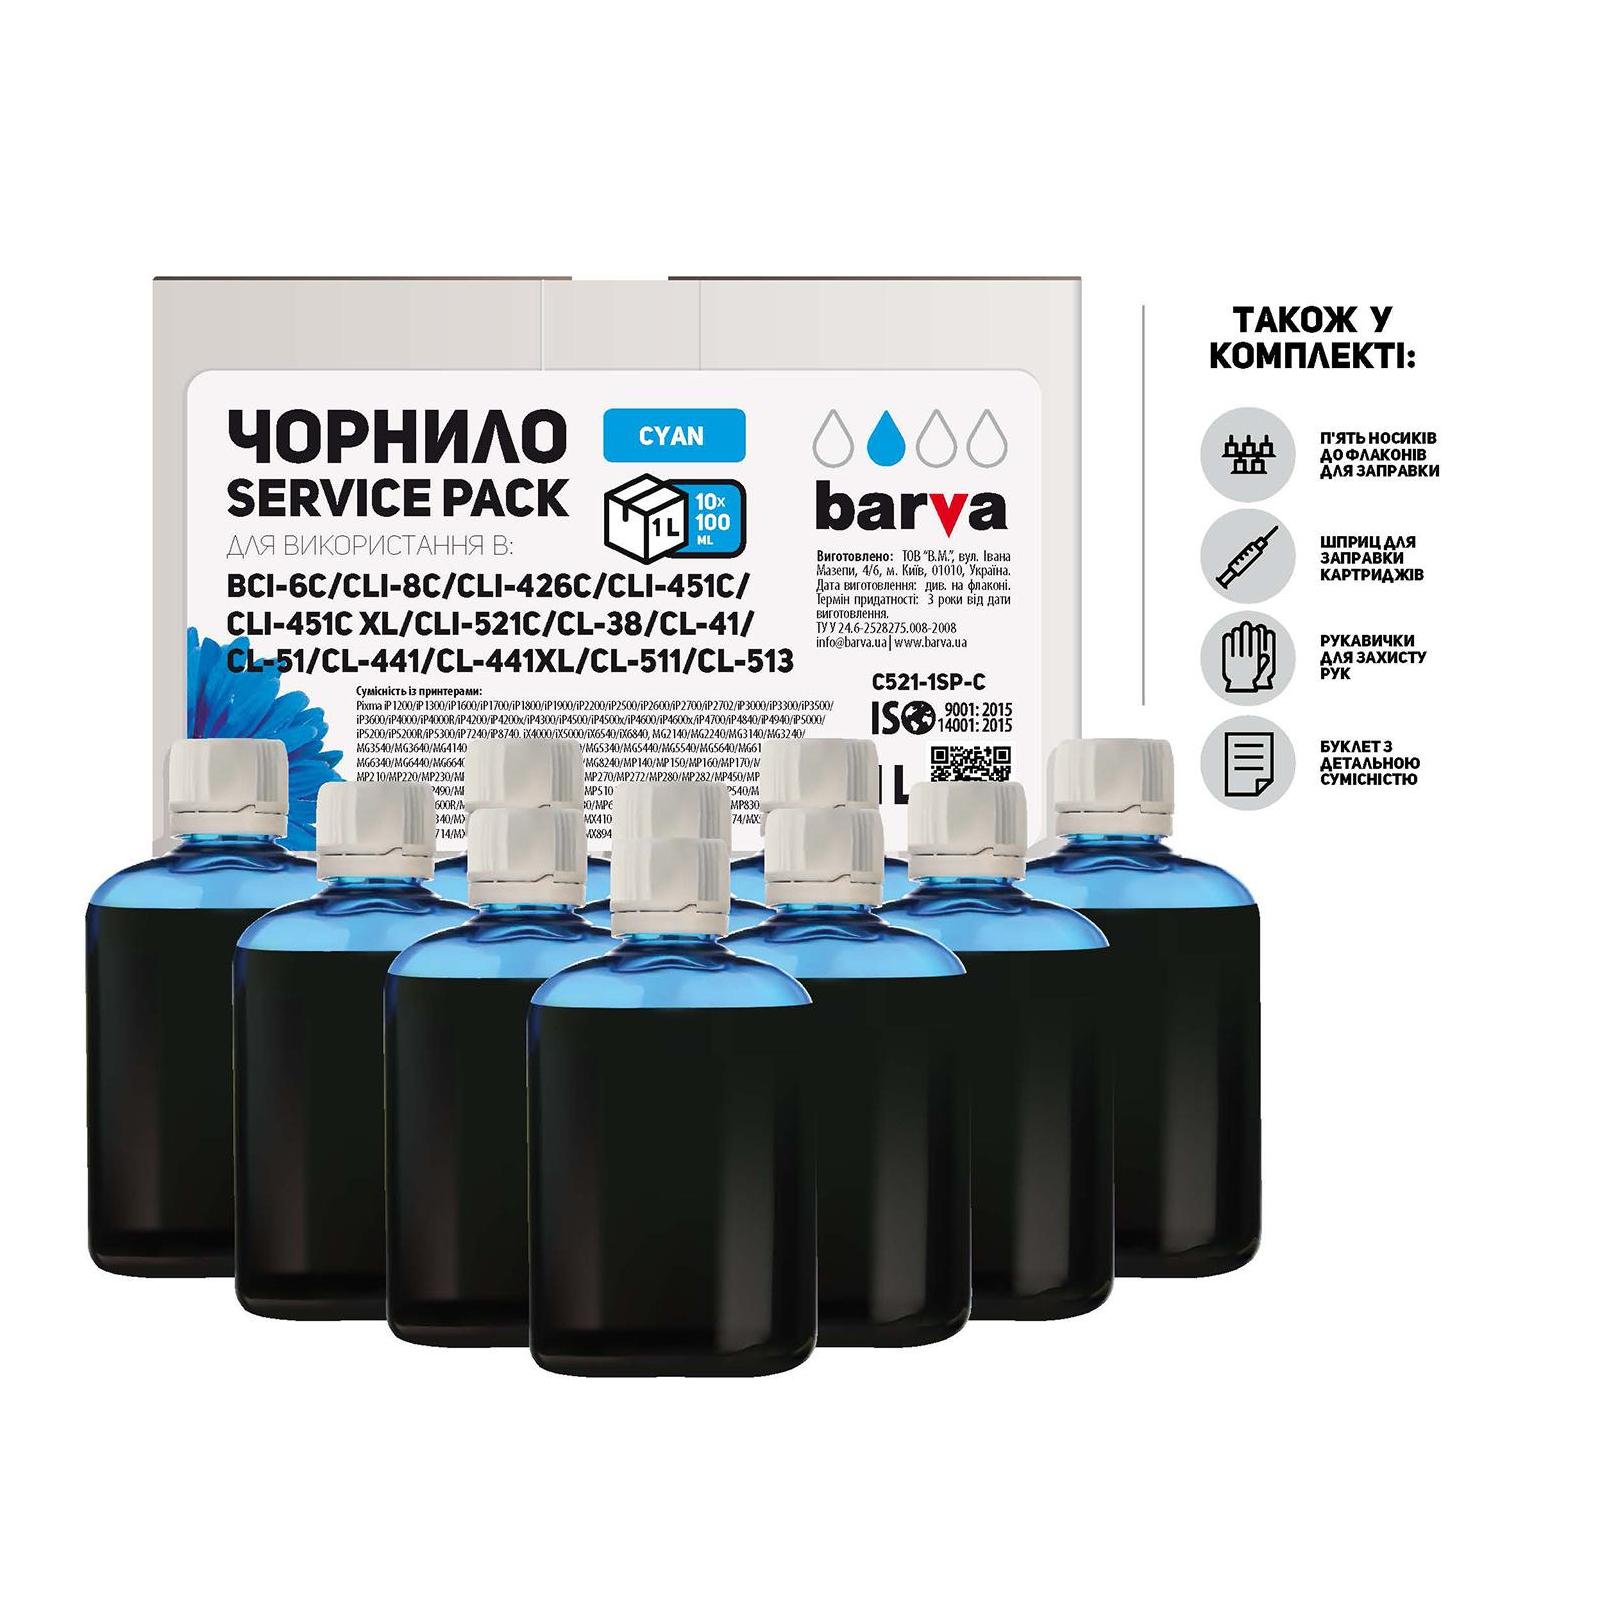 Чернила BARVA Canon CLI-521/CL-511 Cyan 10x100мл ServicePack (C521-1SP-C)